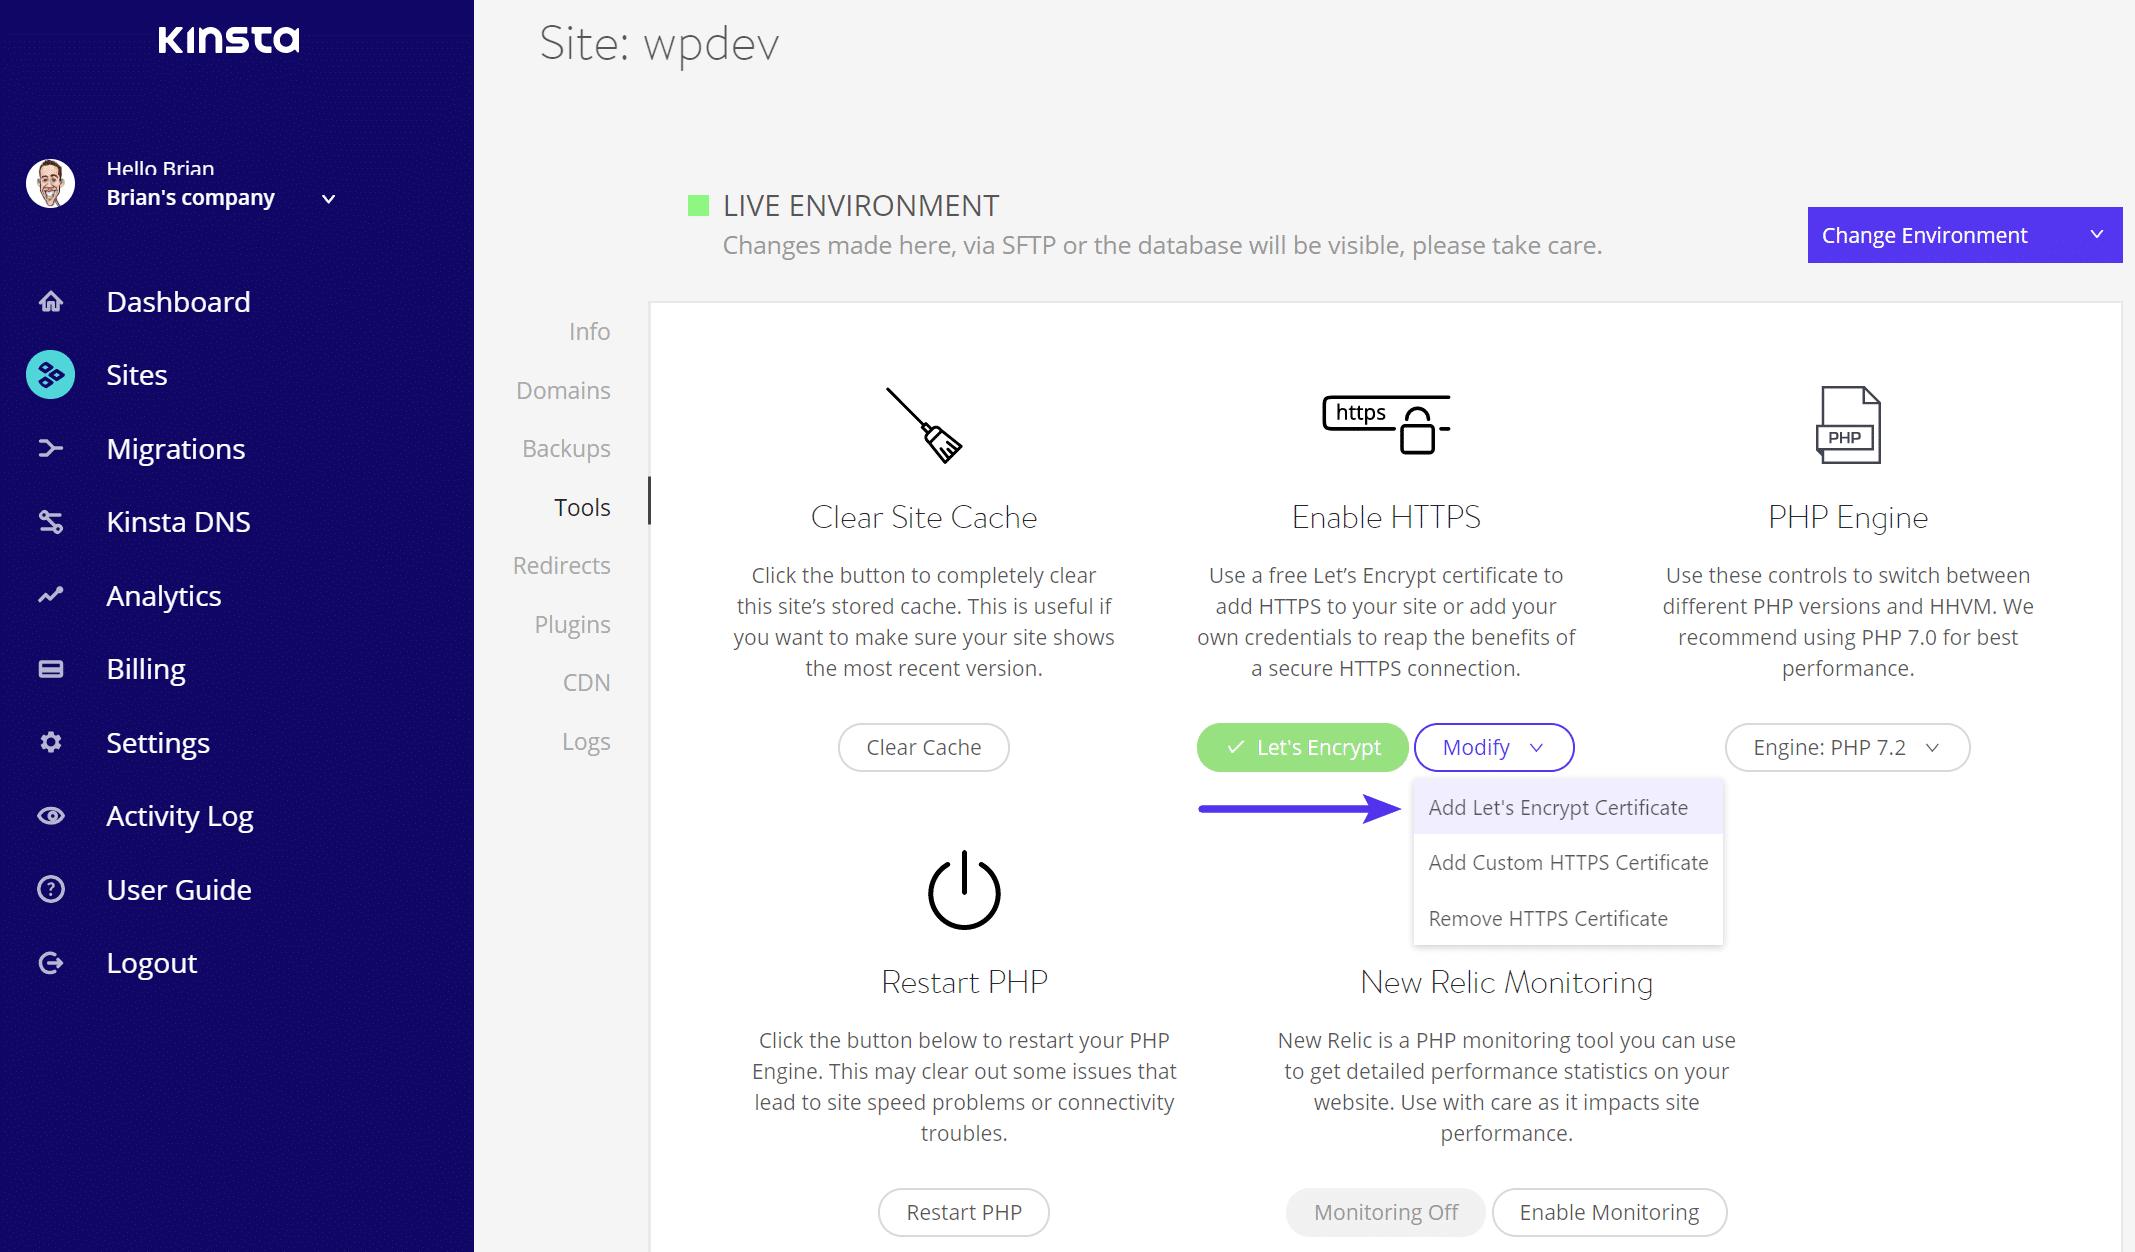 Let's Encryptの証明書を追加する